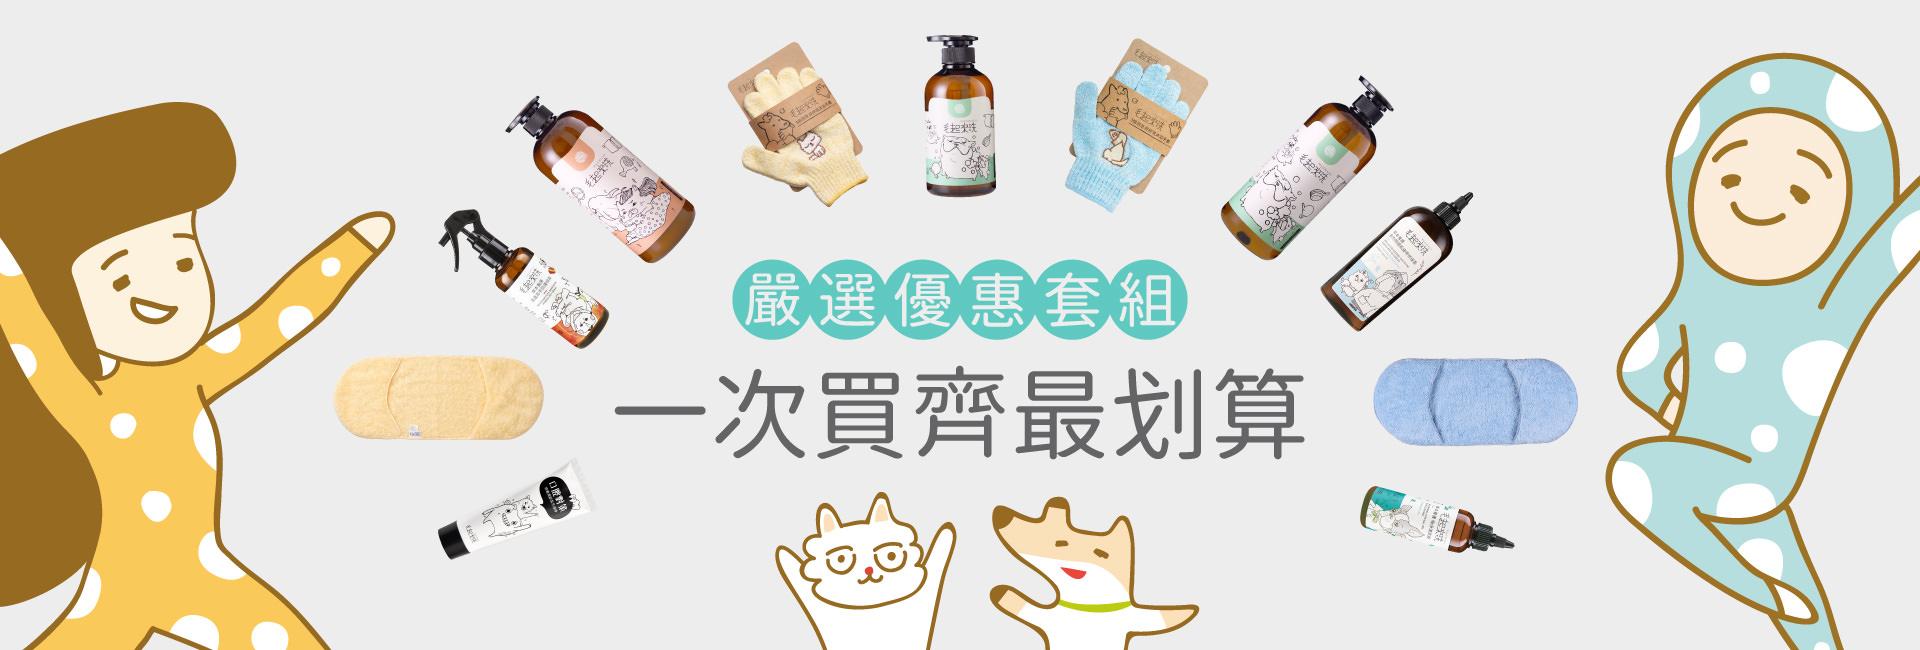 毛起來提供各式寵物用品嚴選優惠套組,一次買齊最划算!